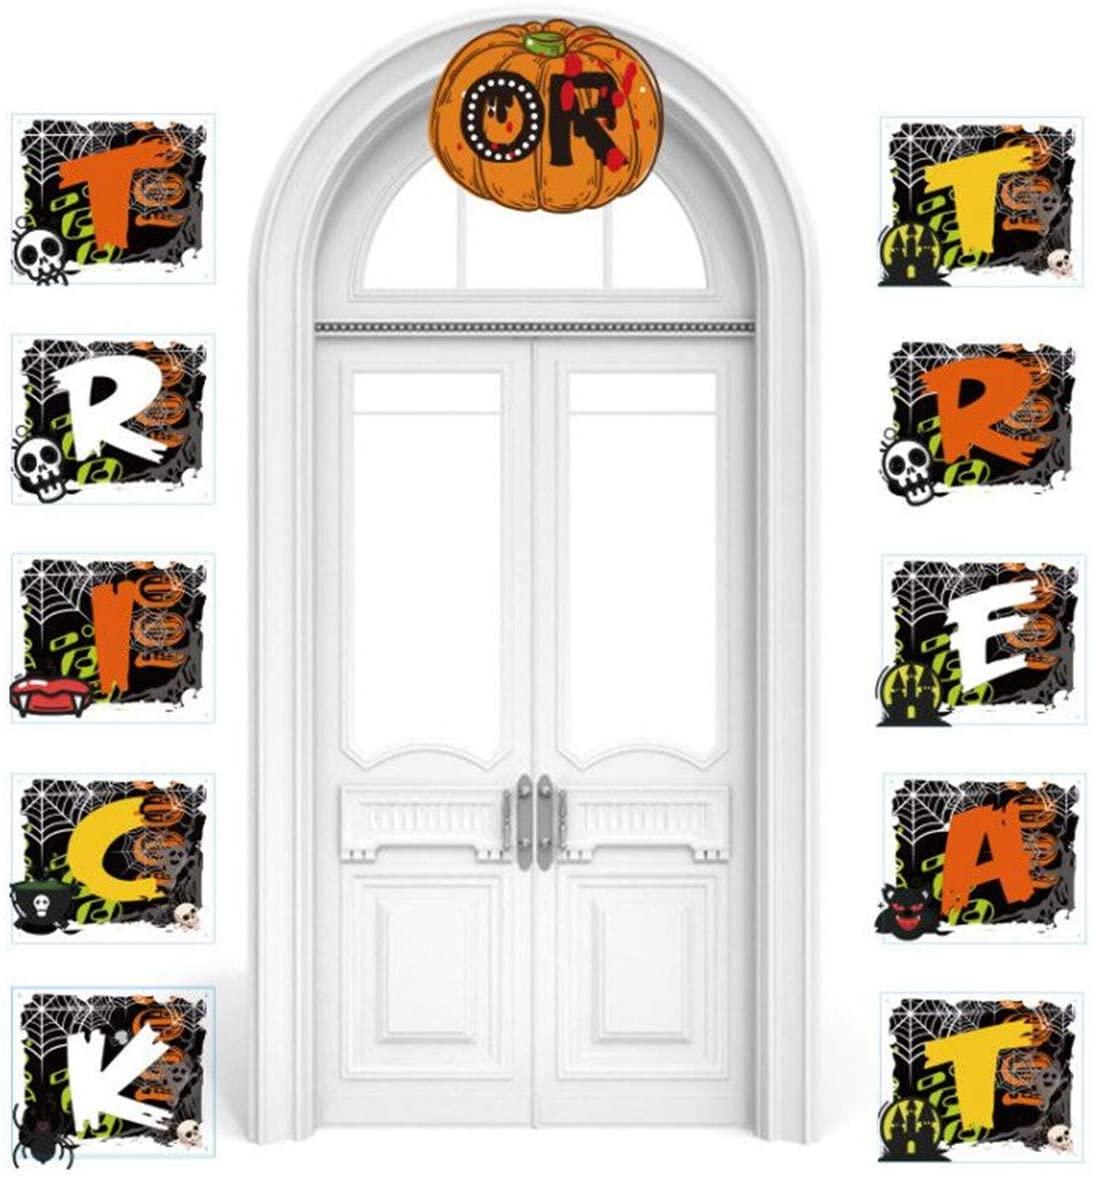 Fbaby Halloween Trick or Treat Banner for Home Indoor Outdoor Halloween Banner Hanging Decorations Halloween Porch Hanging Banner for Office Front Door Party Decor Supplies